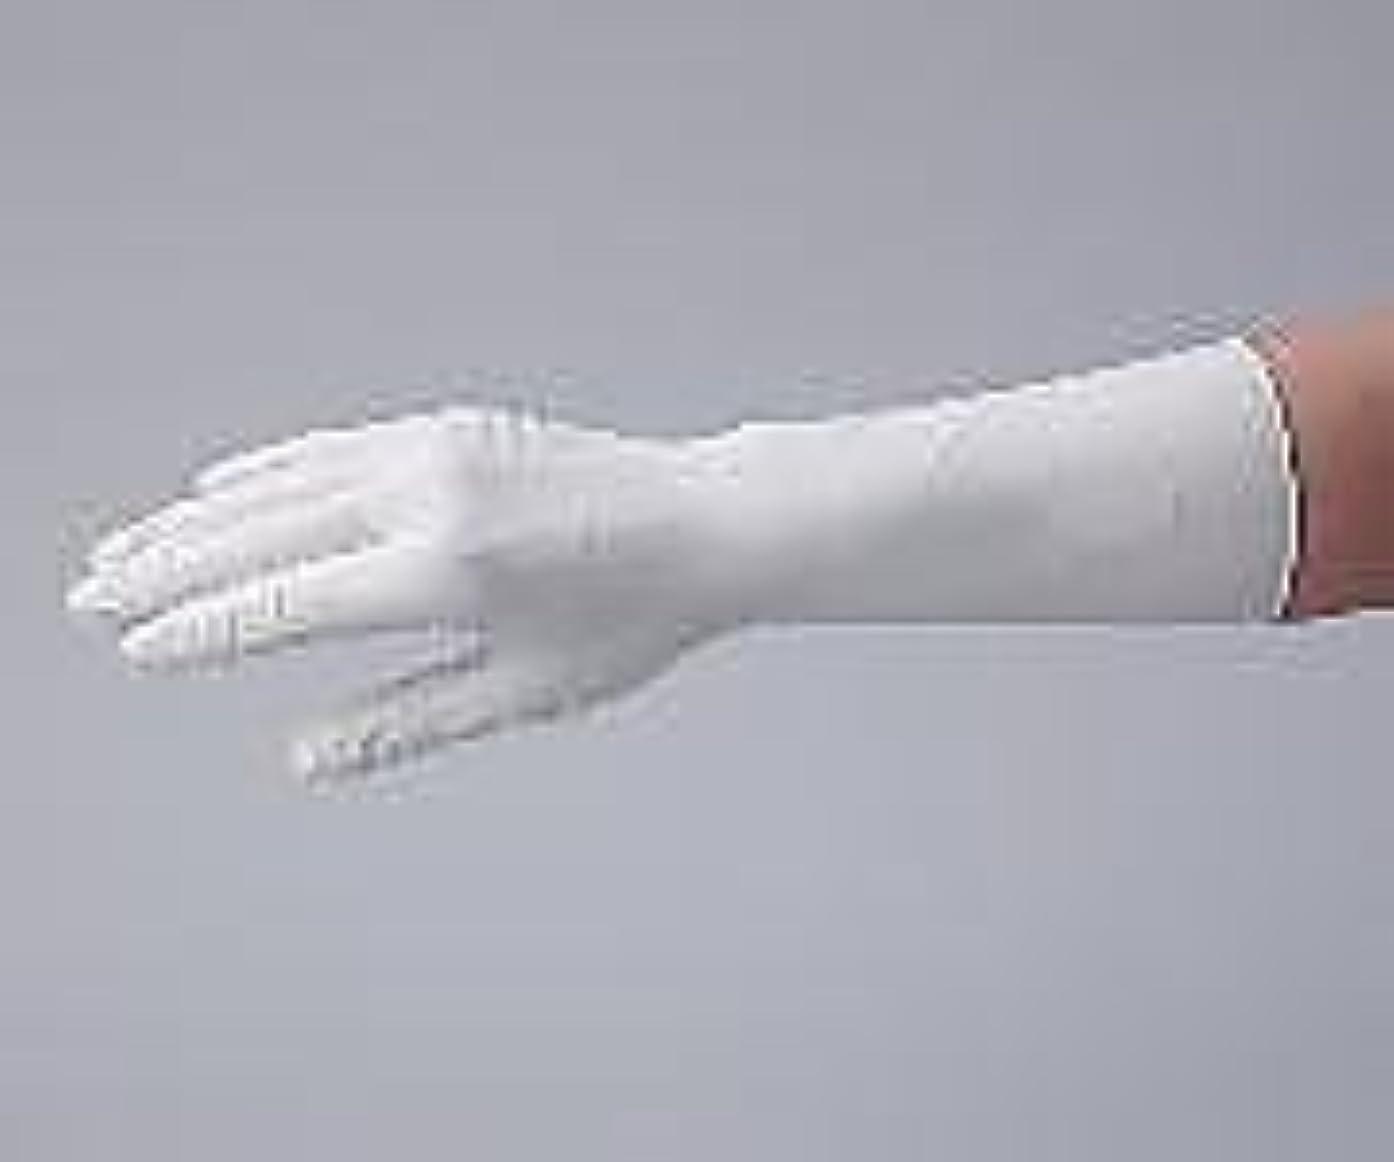 容疑者赤道危険なアズピュア(アズワン)1-2324-55アズピュアクリーンファーストニトリル手袋(ペアタイプ)クリーンパックXL左右各50枚×10袋入